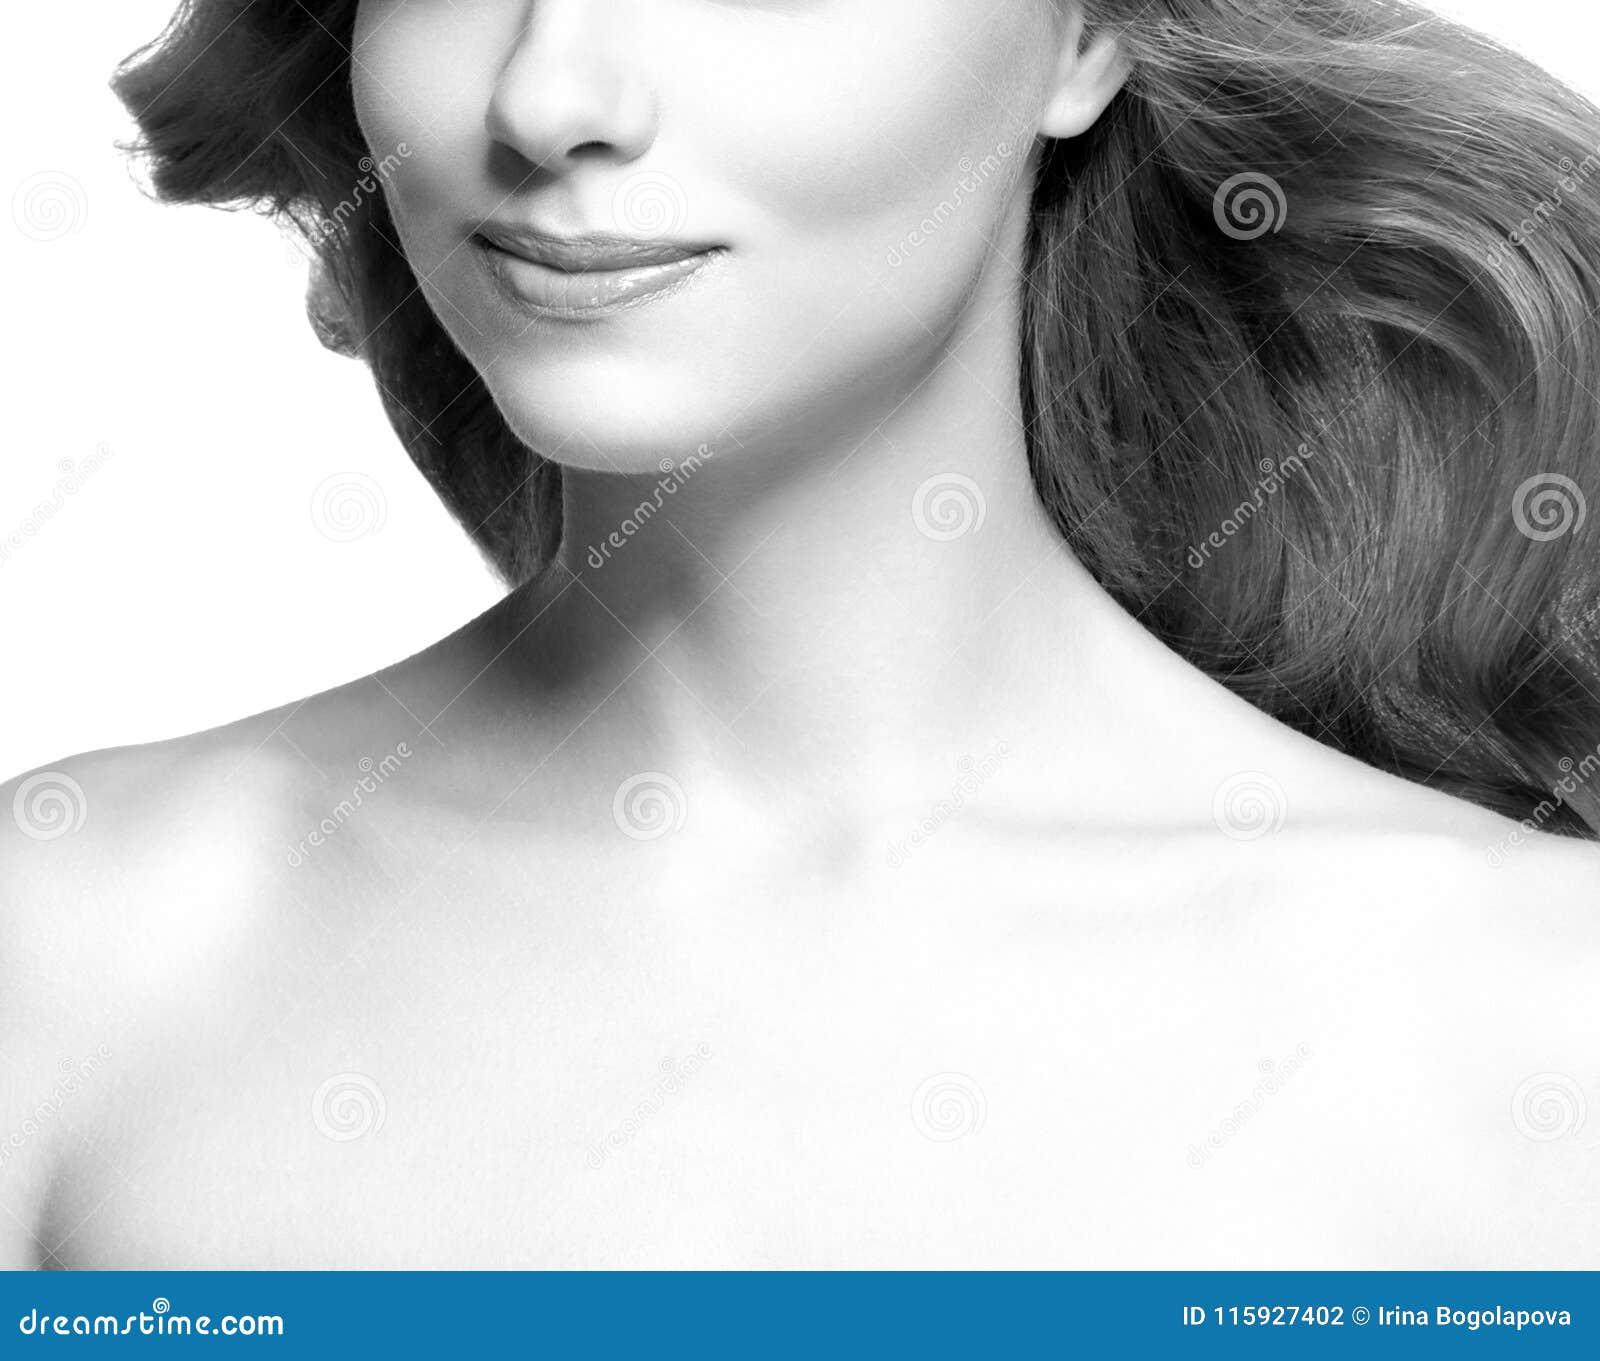 Wargi i cheen Piękno kobiety twarzy portret czarny white bea